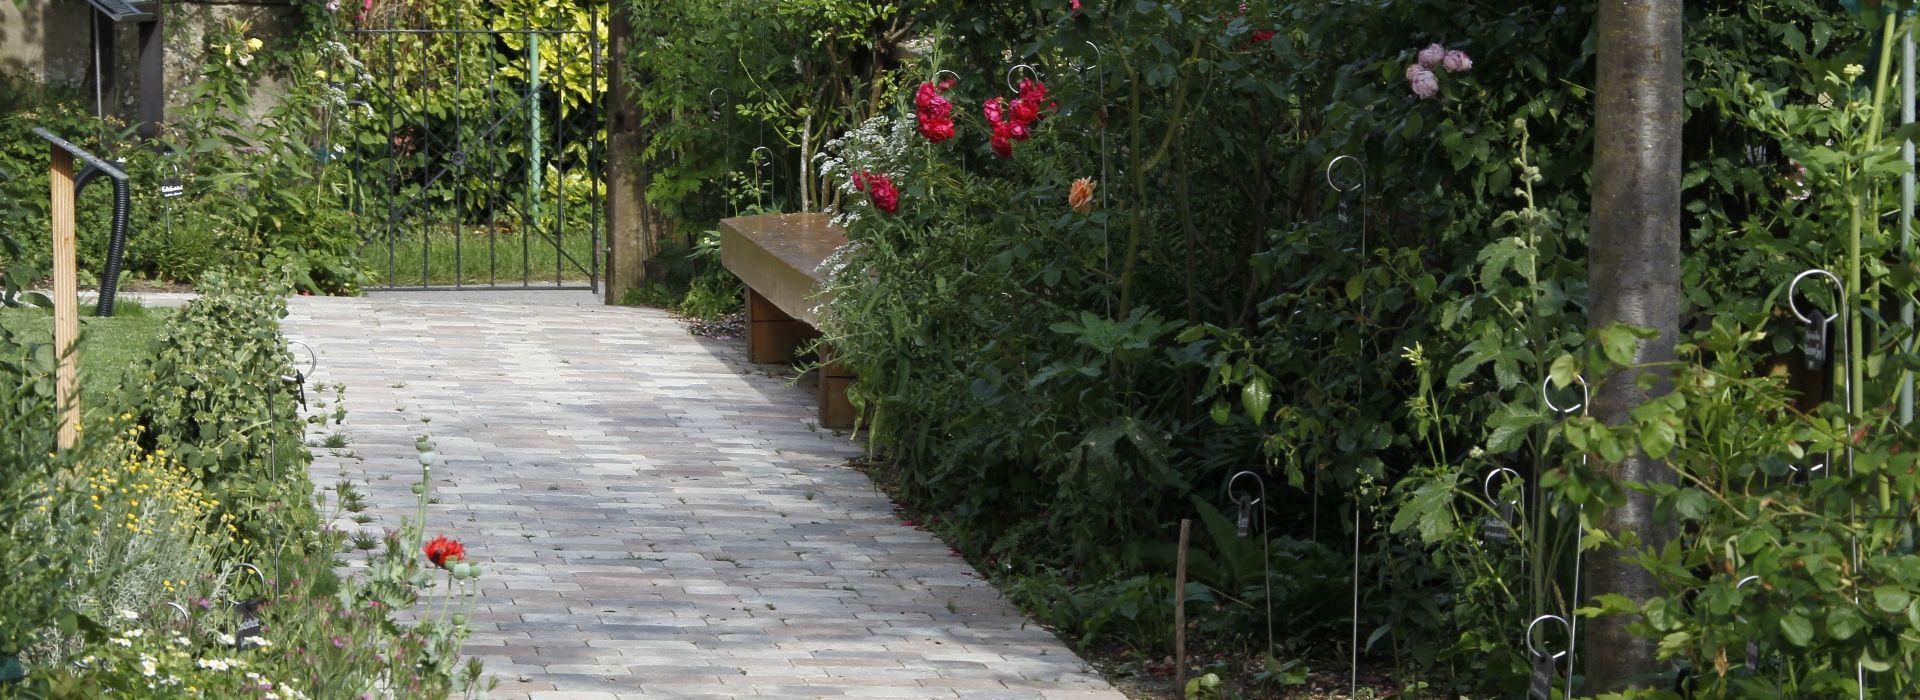 Gartenbau & Gartengestaltung ~ althaus-garten.de